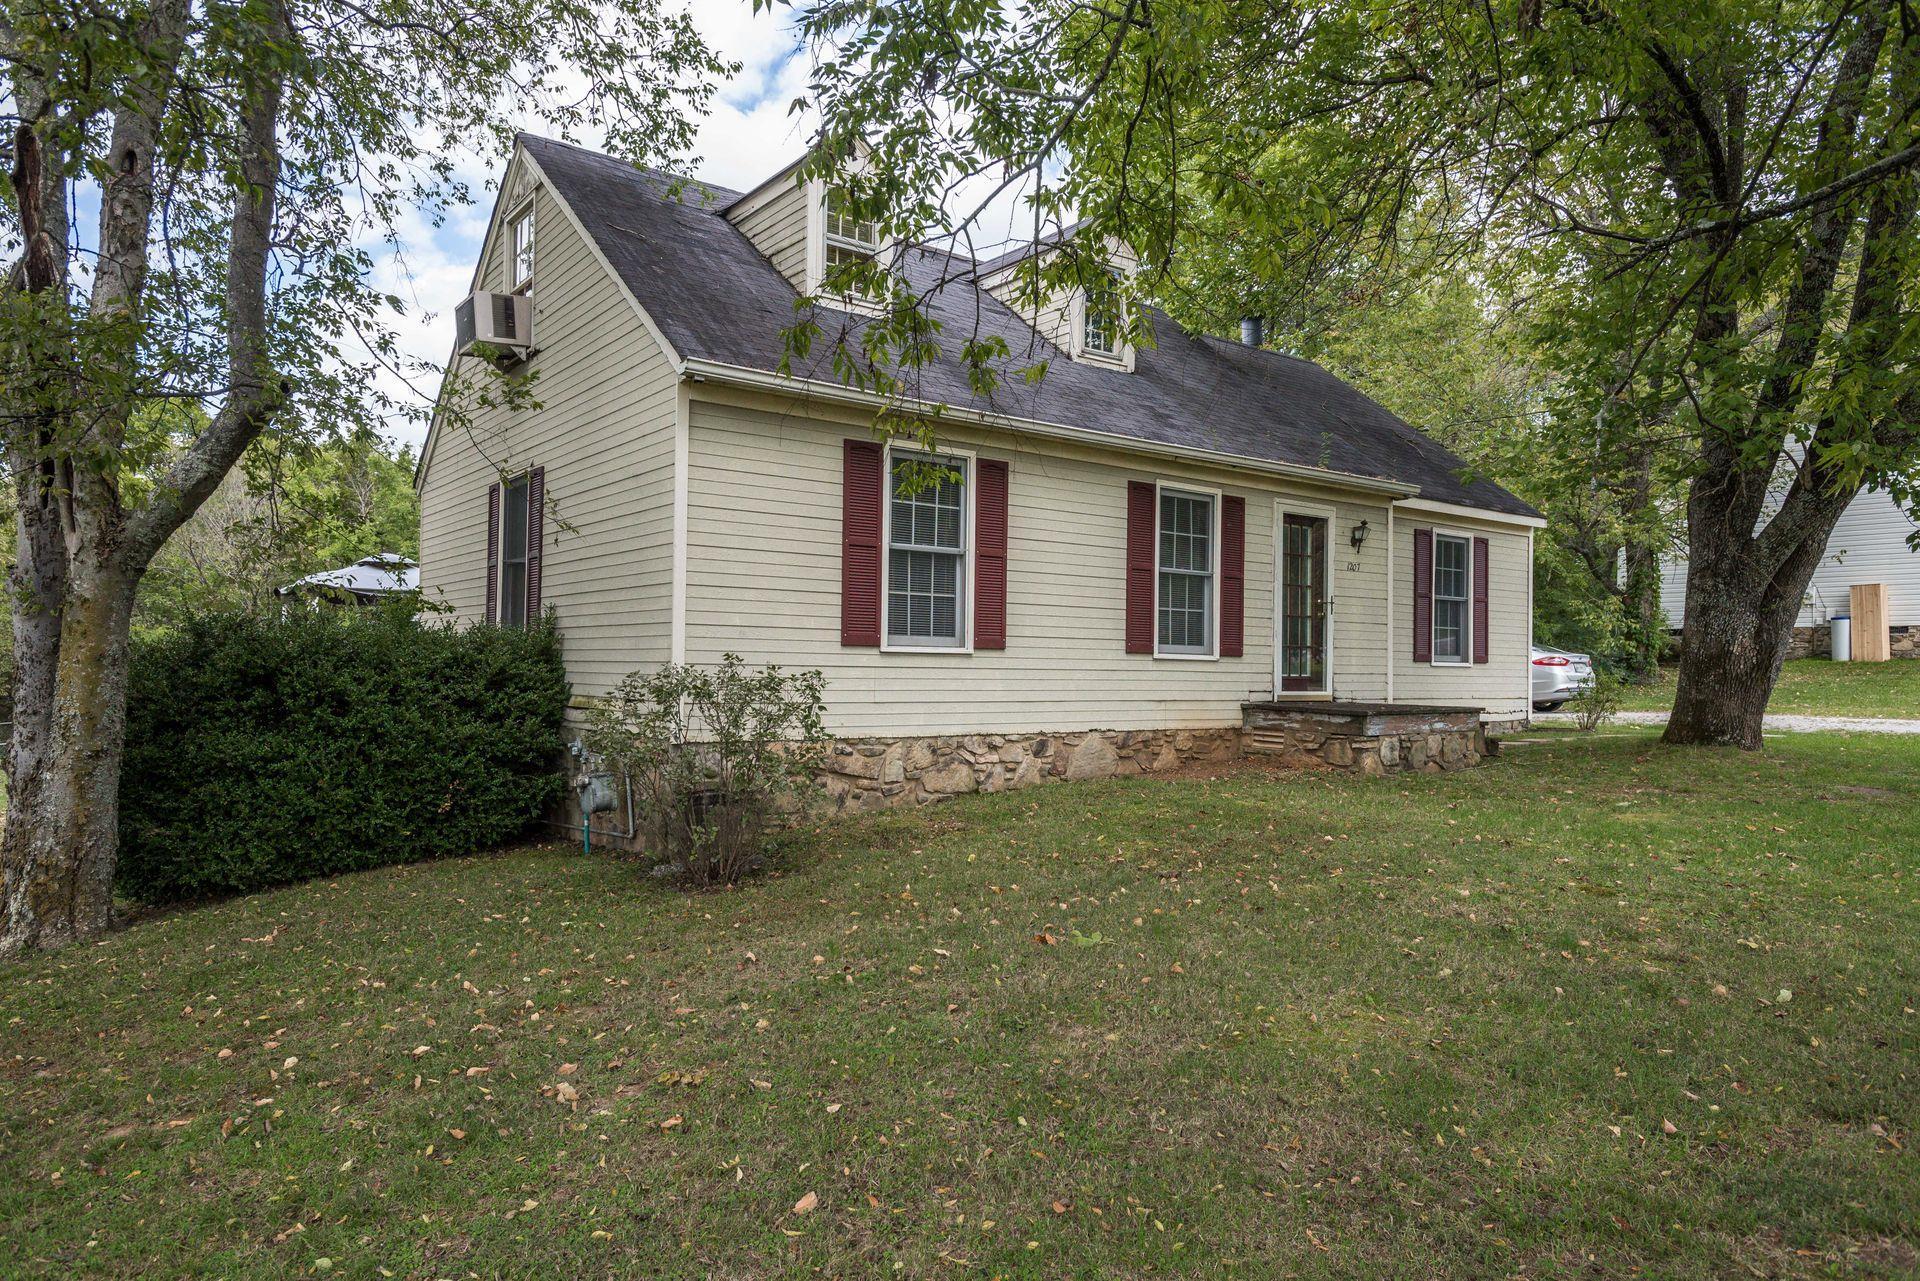 1207 Creekside Dr, Nolensville, TN 37135